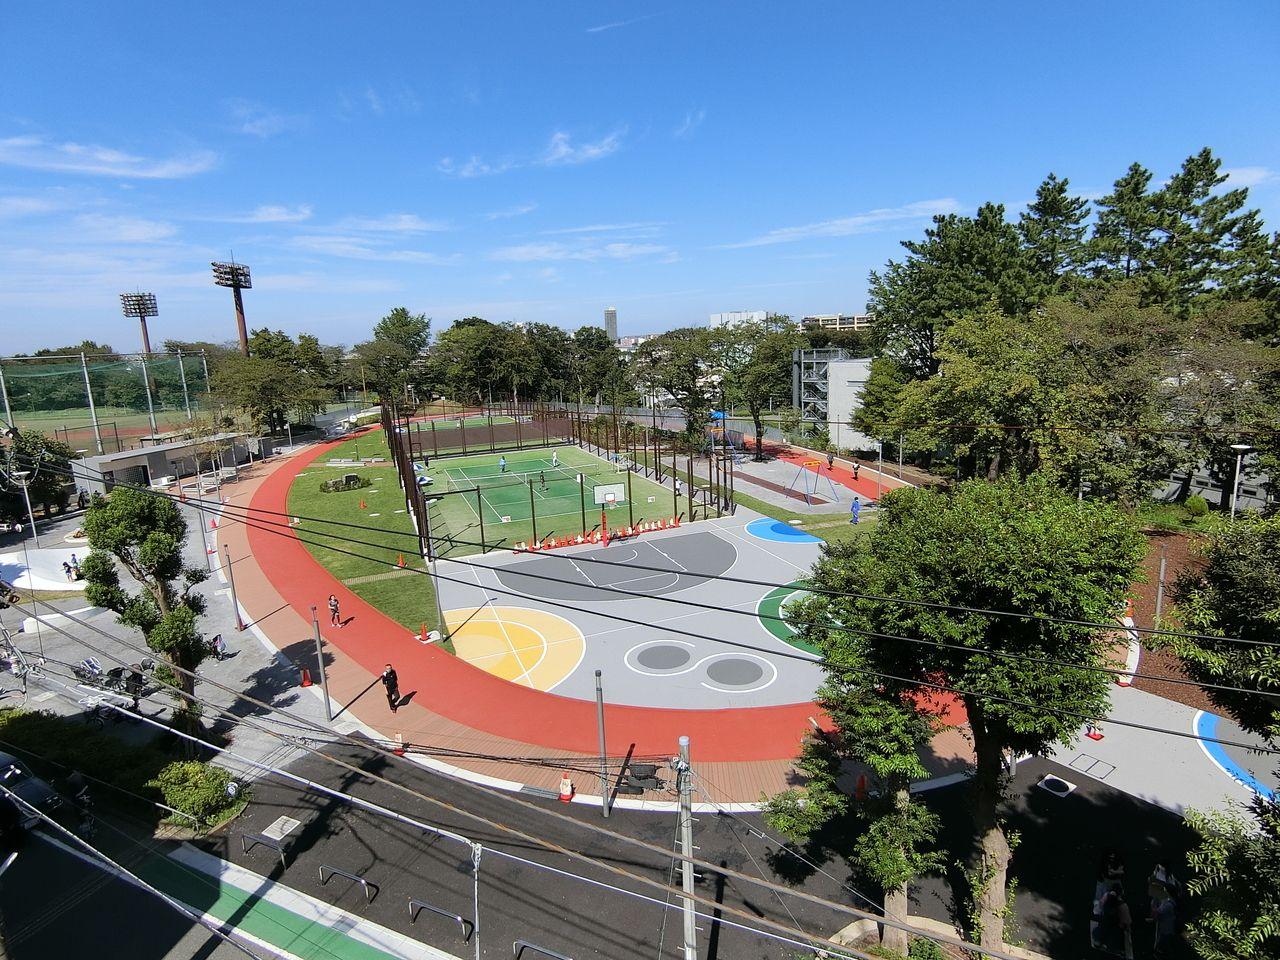 小豆沢公園のあずさわスポーツフィールド